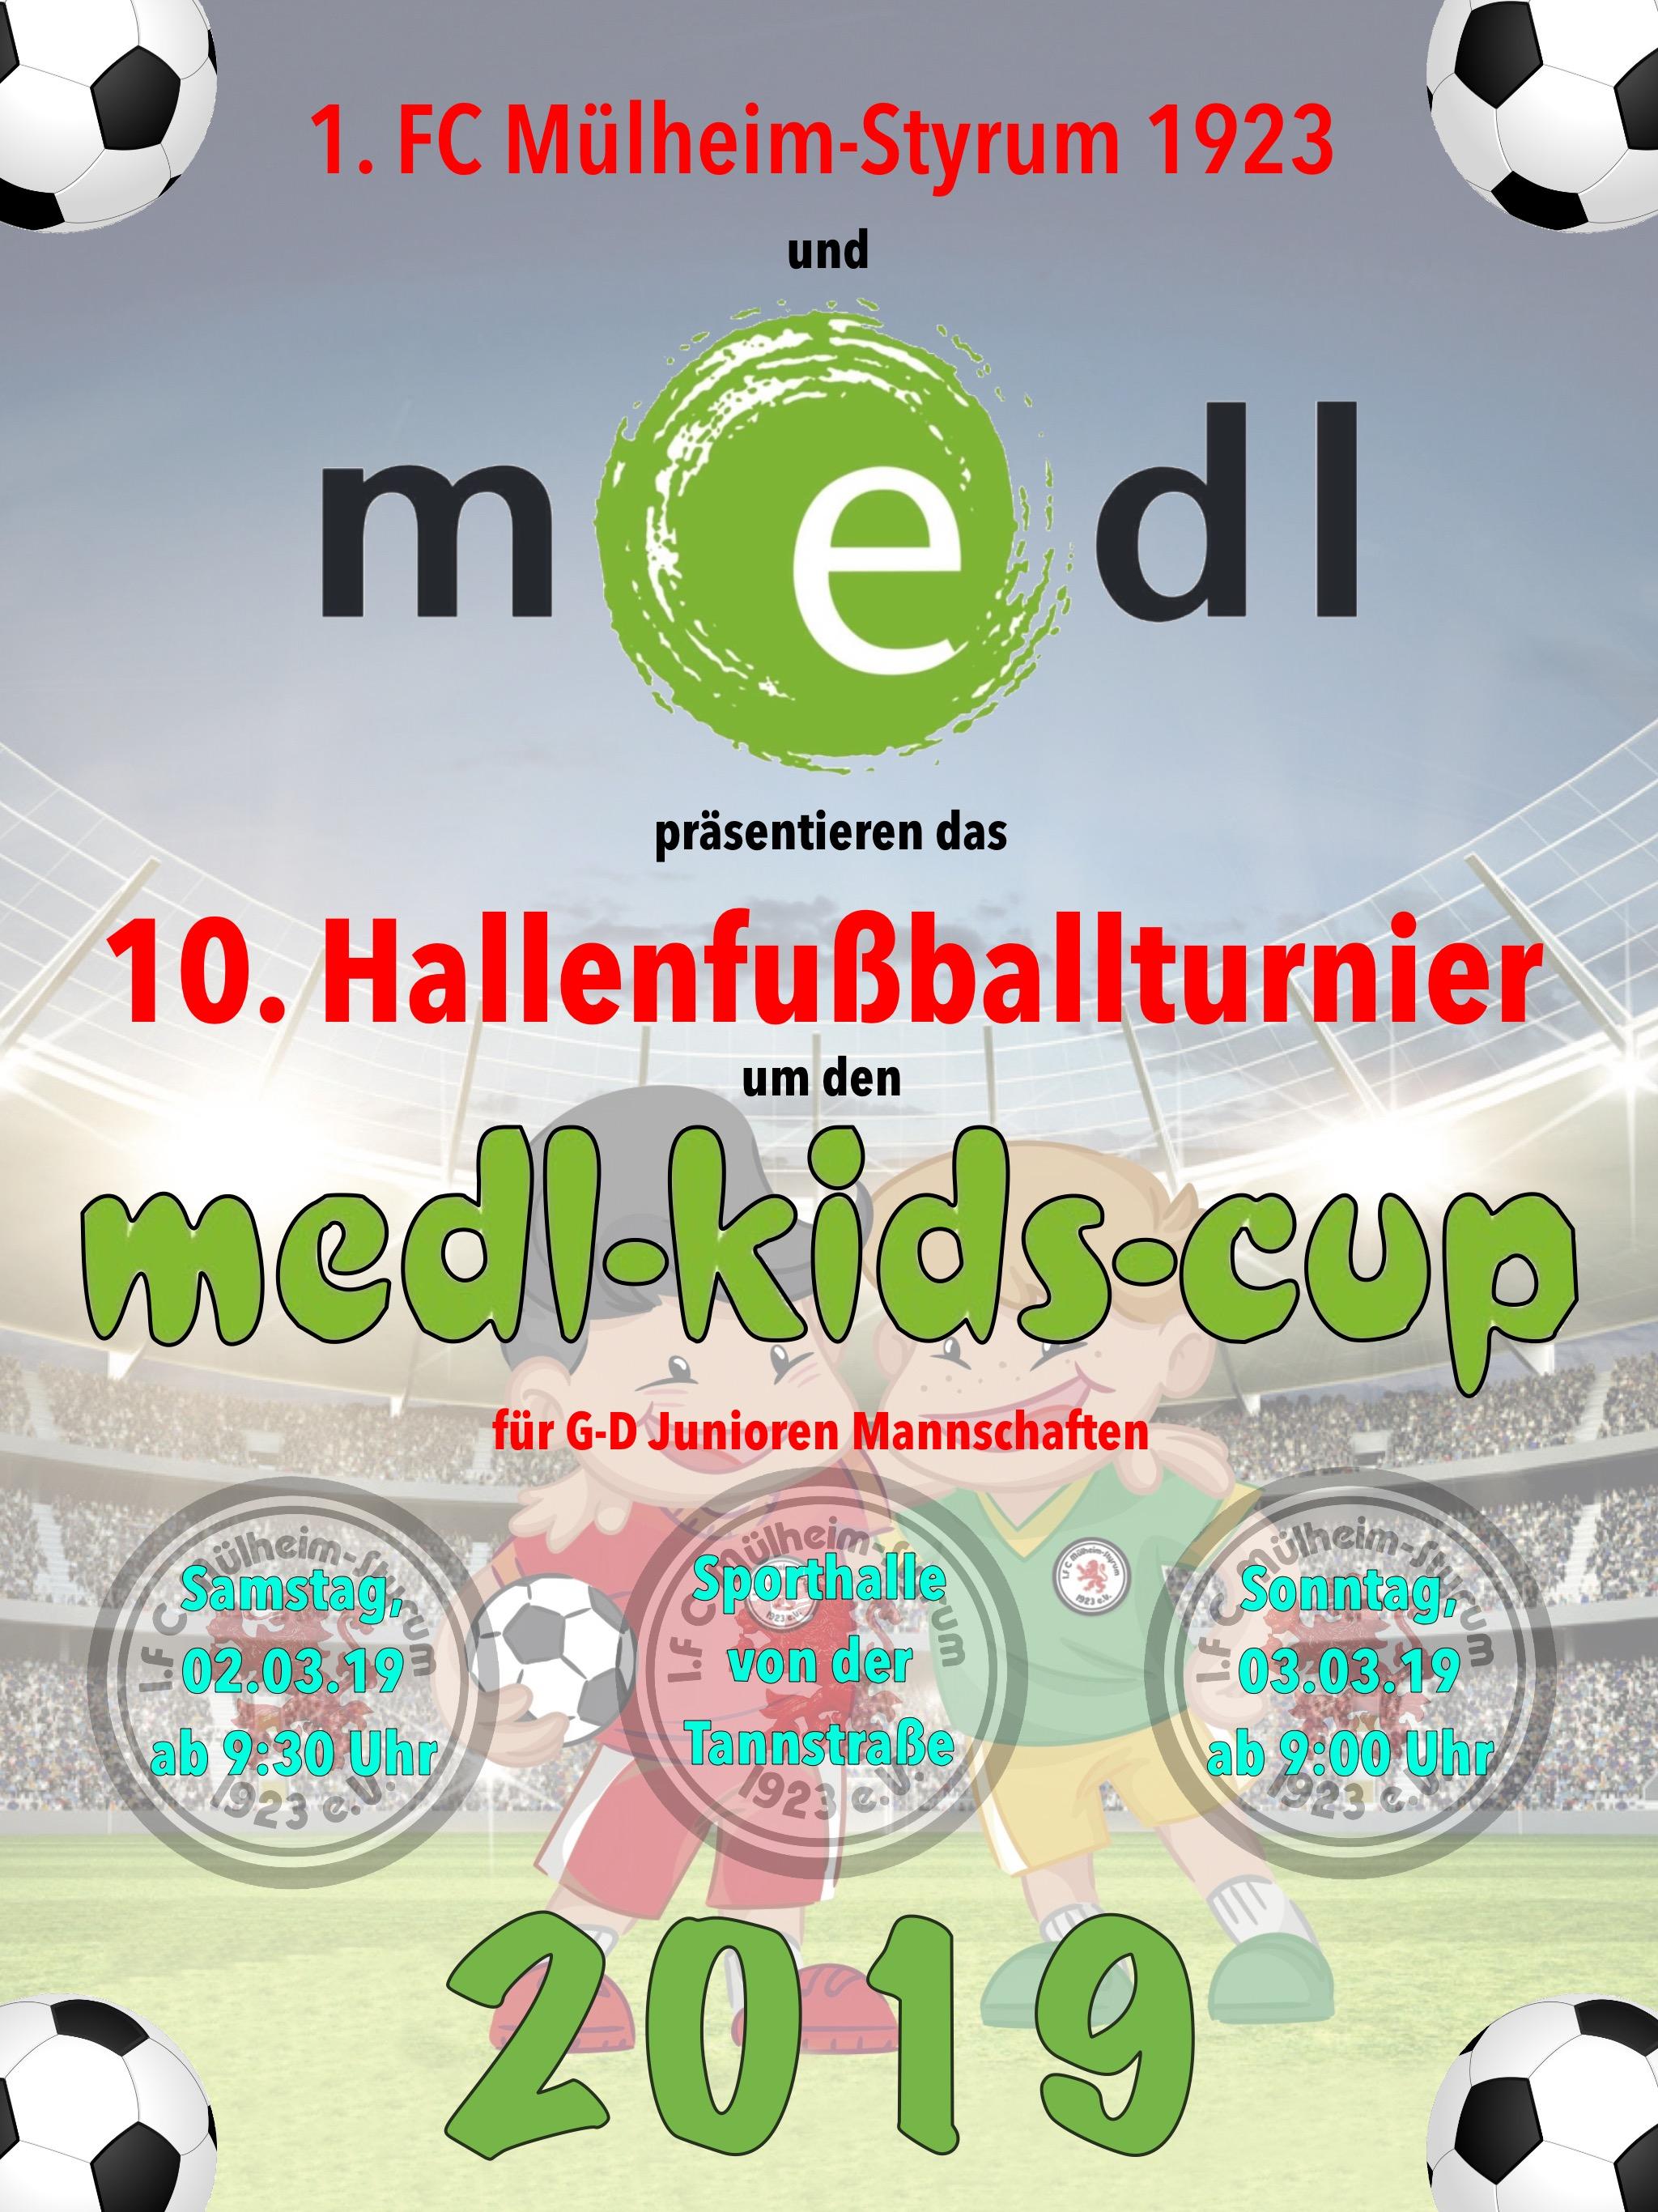 medl kids-cup 2019